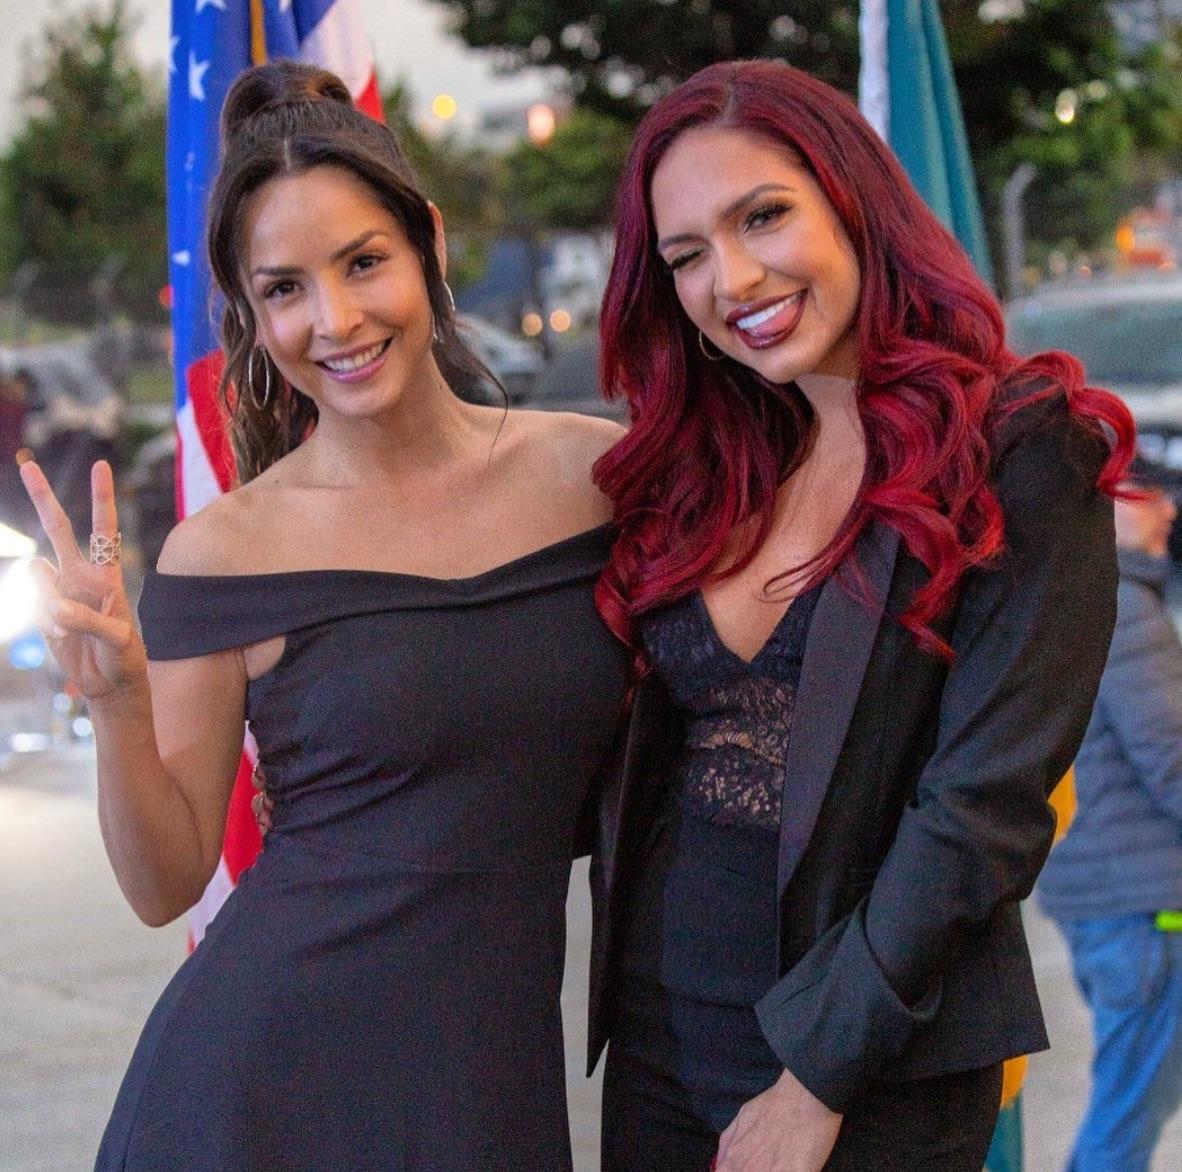 ¿Cómo era la relación entre Carmen Villalobos y Kimberly Reyes en El final del paraíso?